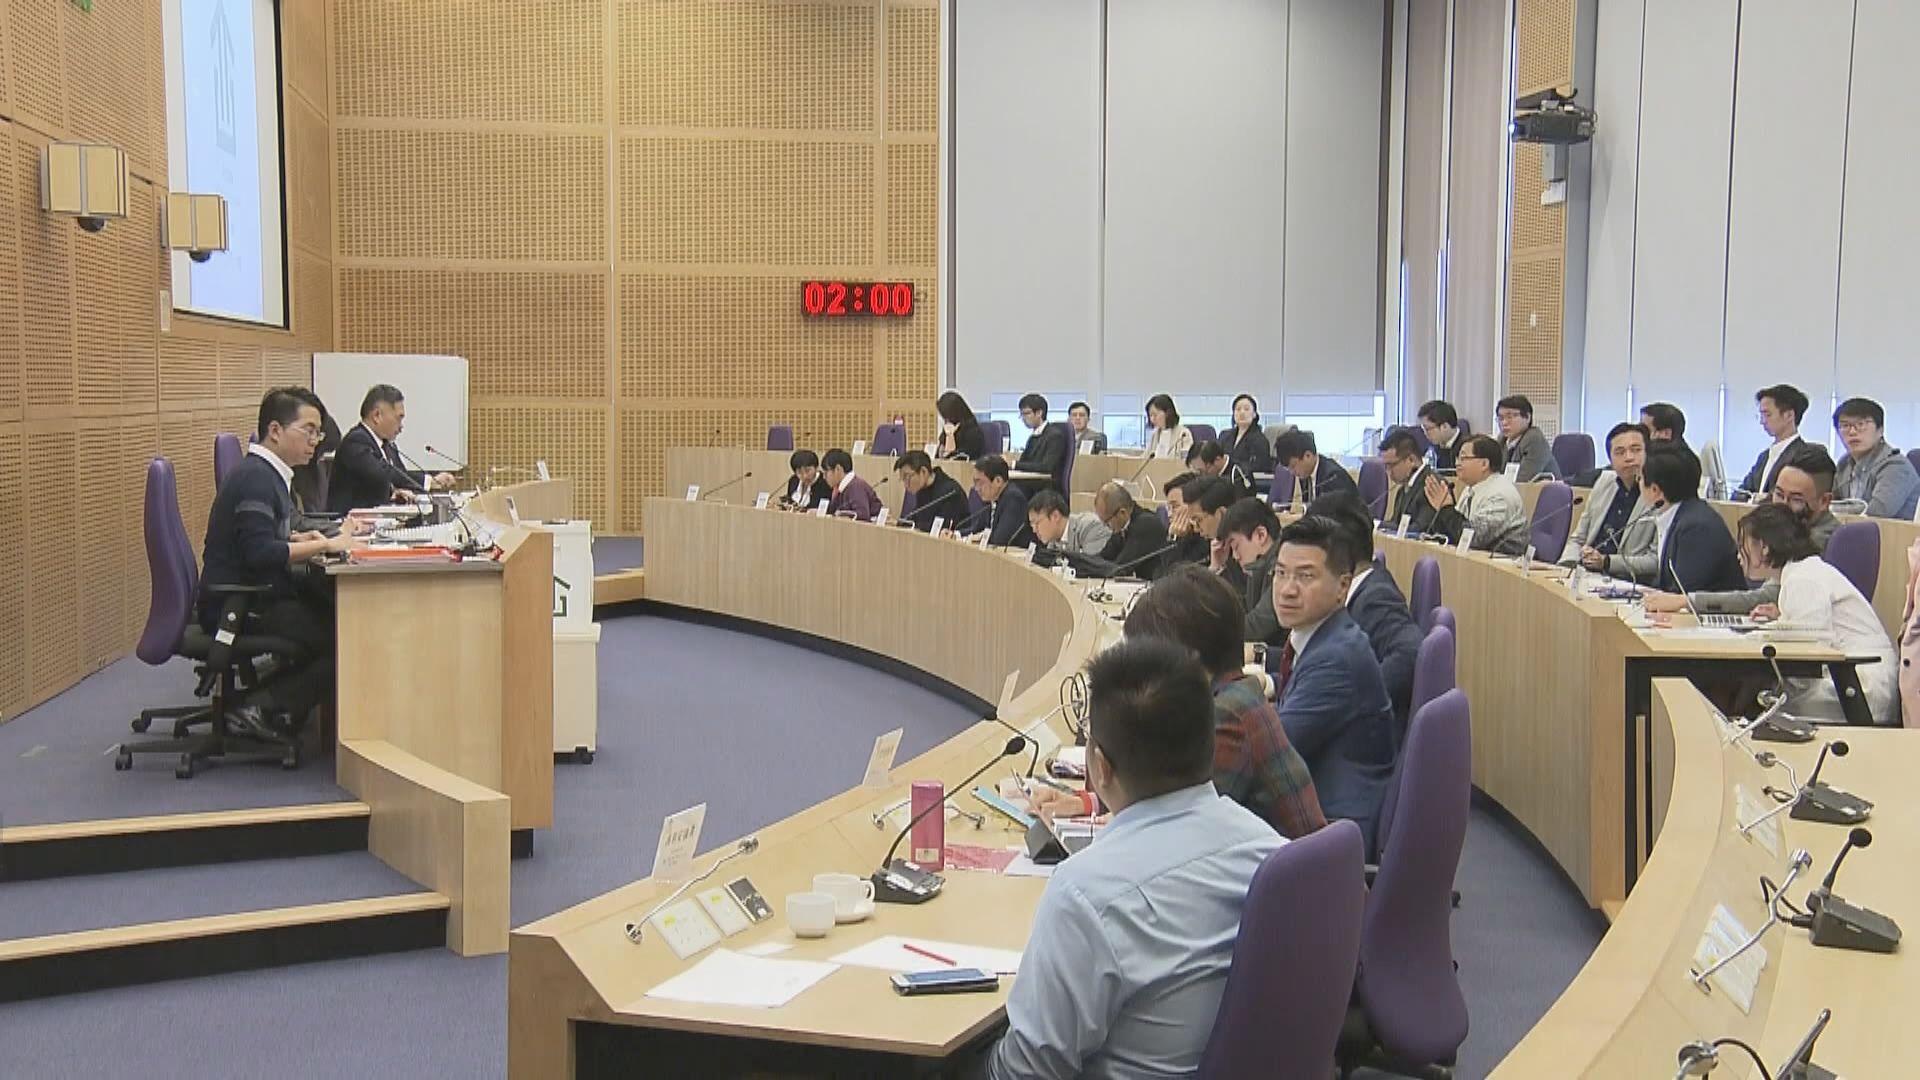 西貢區議會成立反修例事件工作小組 爭取五大訴求